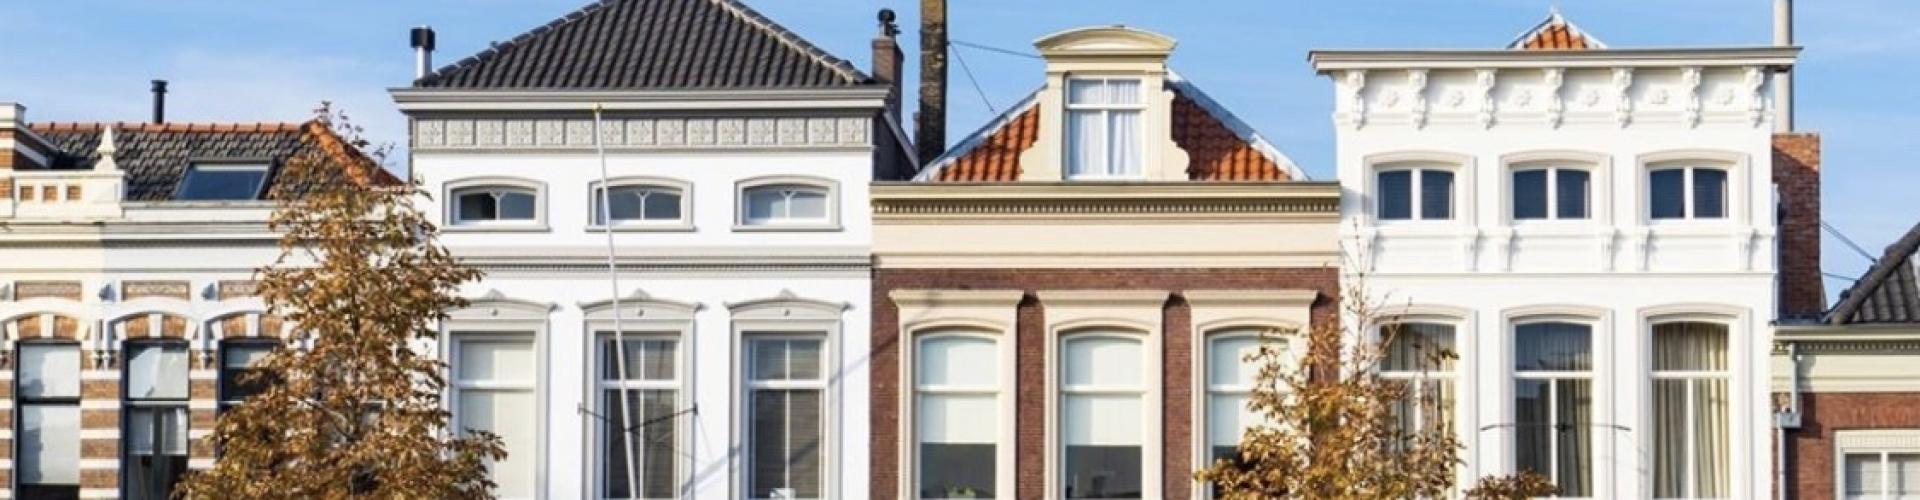 Huis verkopen bij scheiden